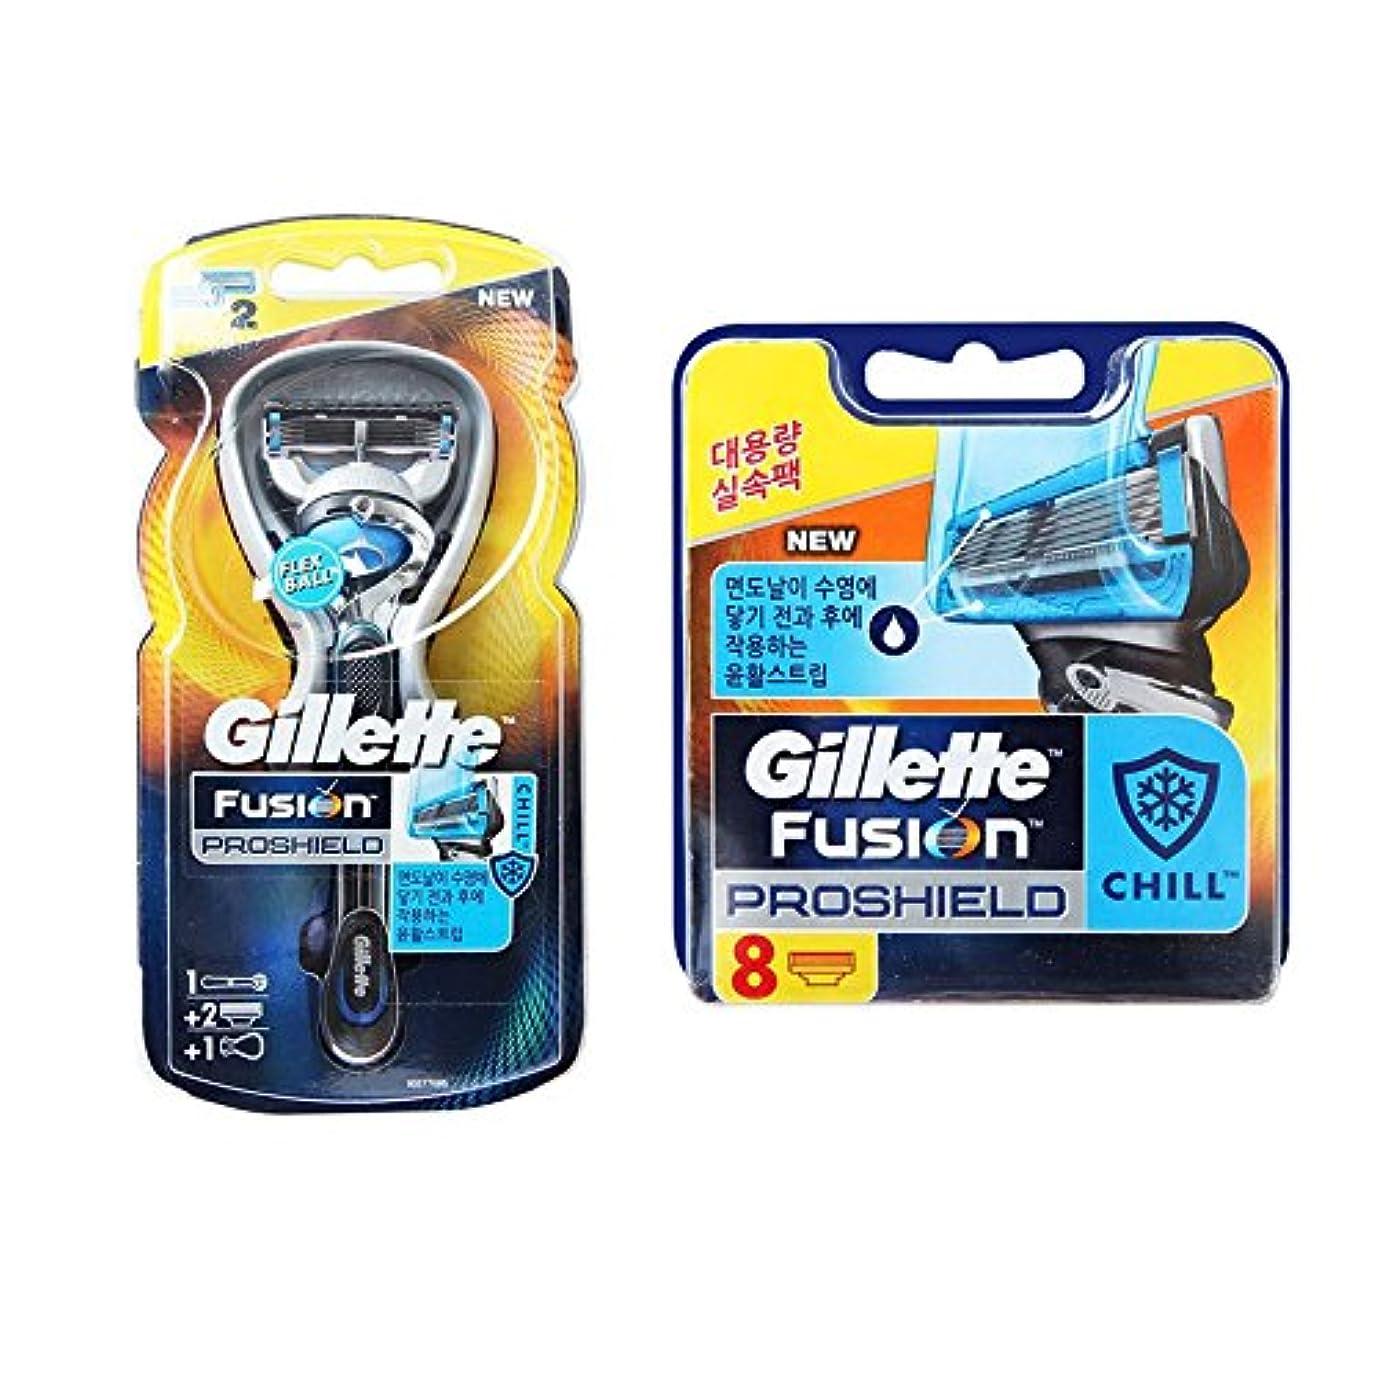 急勾配の元に戻す震えるGillette Fusion Proshield Chill Blue 1本の剃刀と10本の剃刀刃 [並行輸入品]